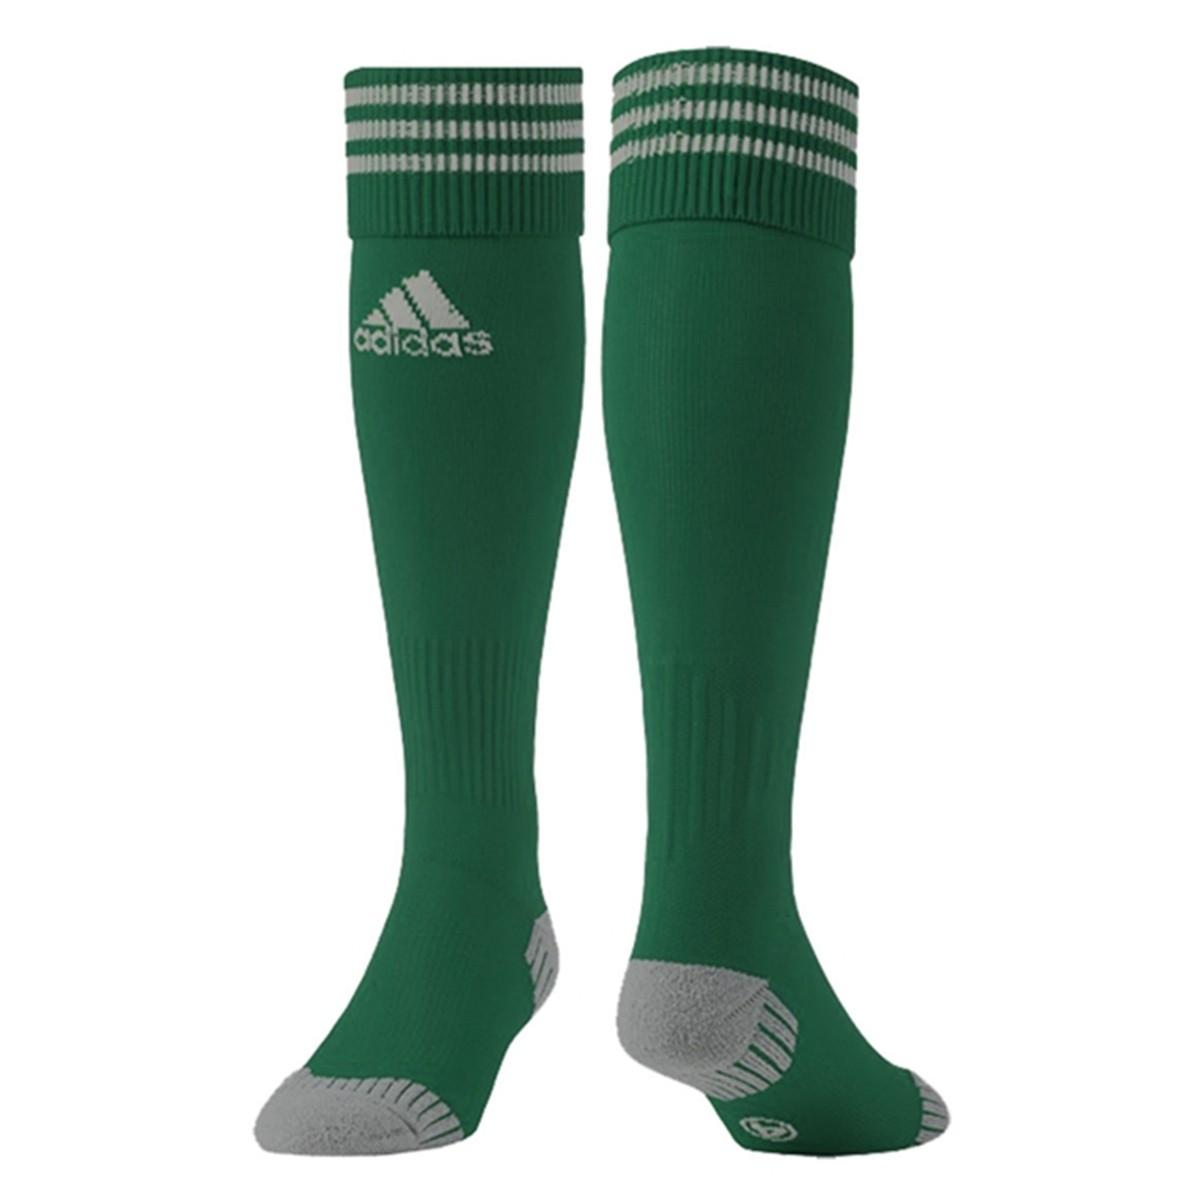 Meião Adidas Aditop 3 Listras - Verde - Masculino